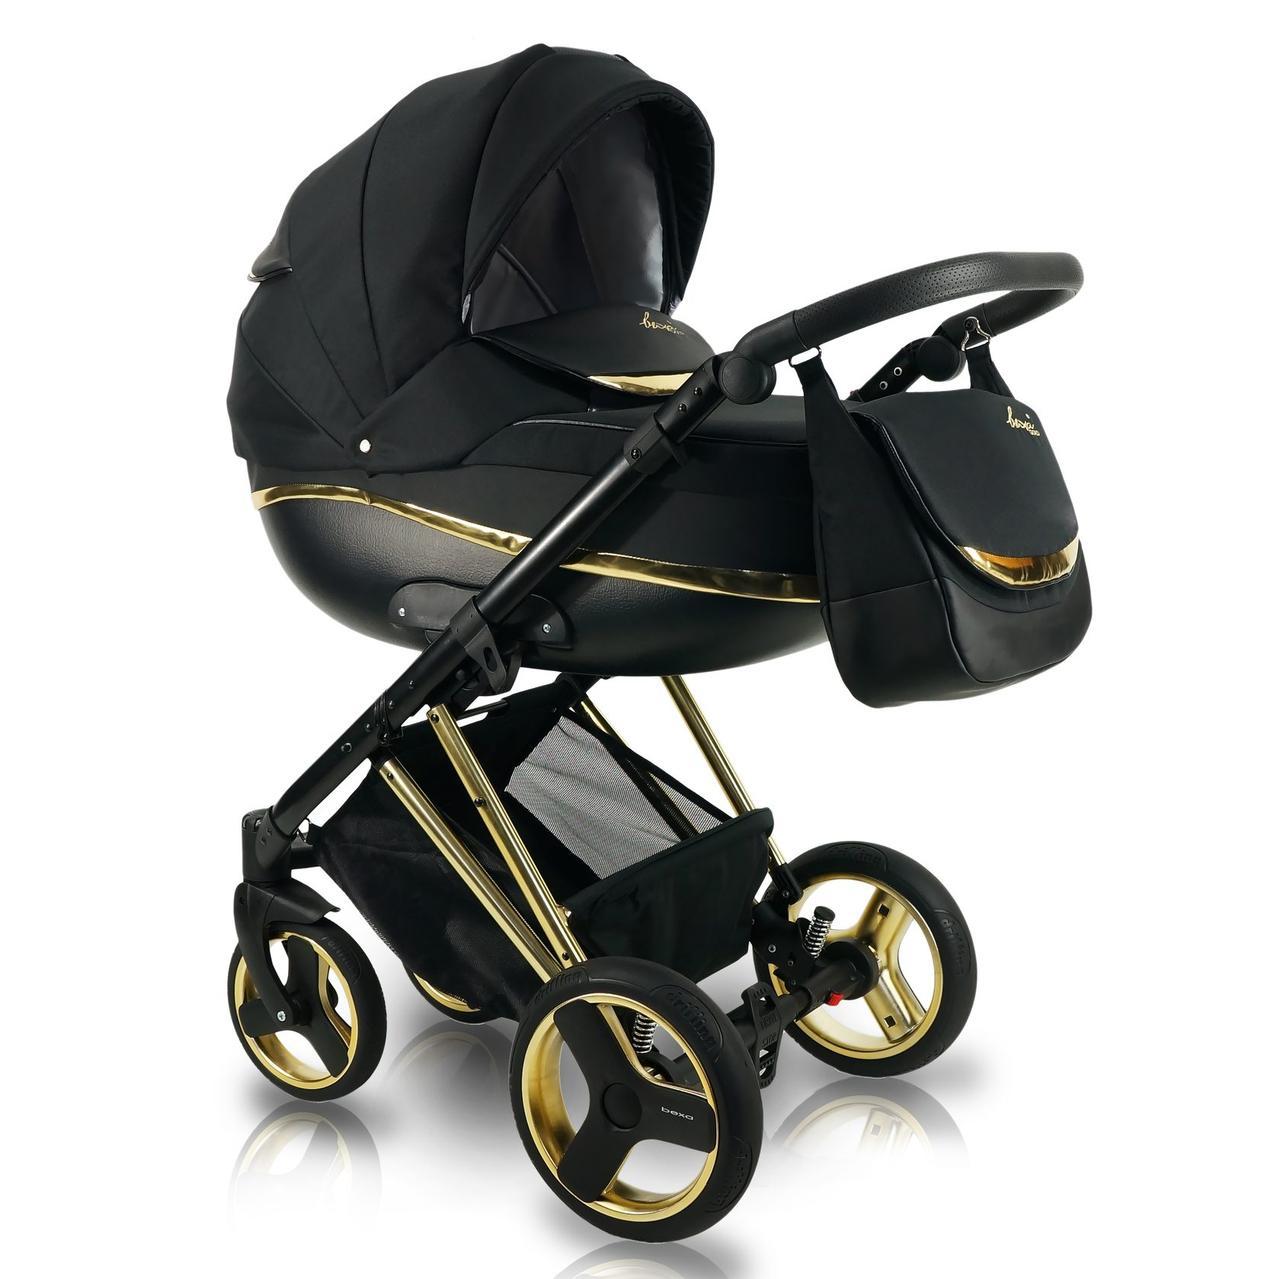 Универсальная детская коляска 2 в 1 Bexa Next Gold черная